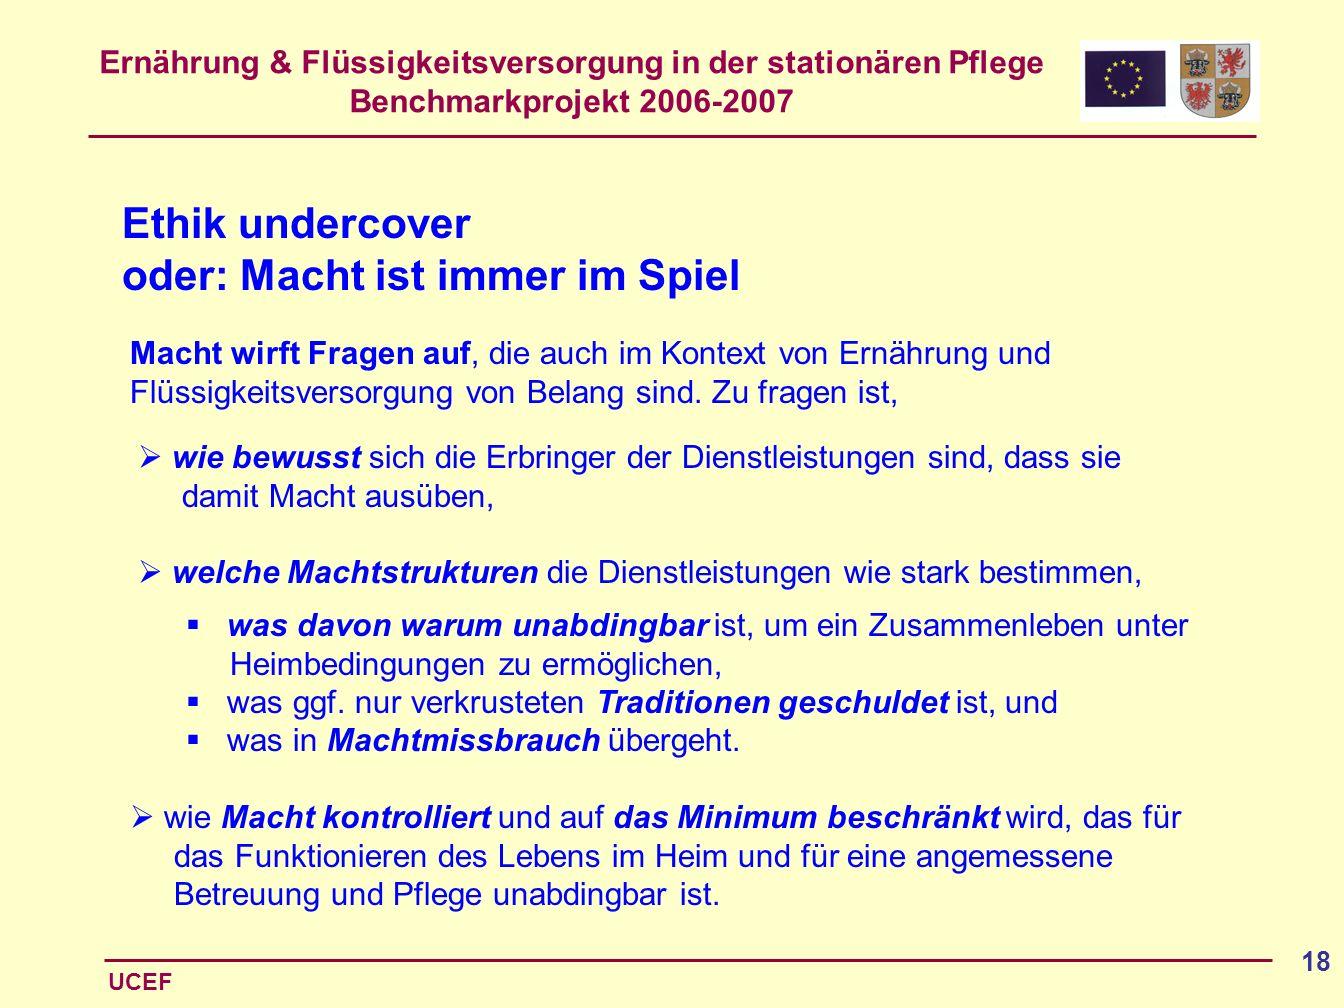 Ernährung & Flüssigkeitsversorgung in der stationären Pflege Benchmarkprojekt 2006-2007 UCEF 18 Ethik undercover oder: Macht ist immer im Spiel Macht